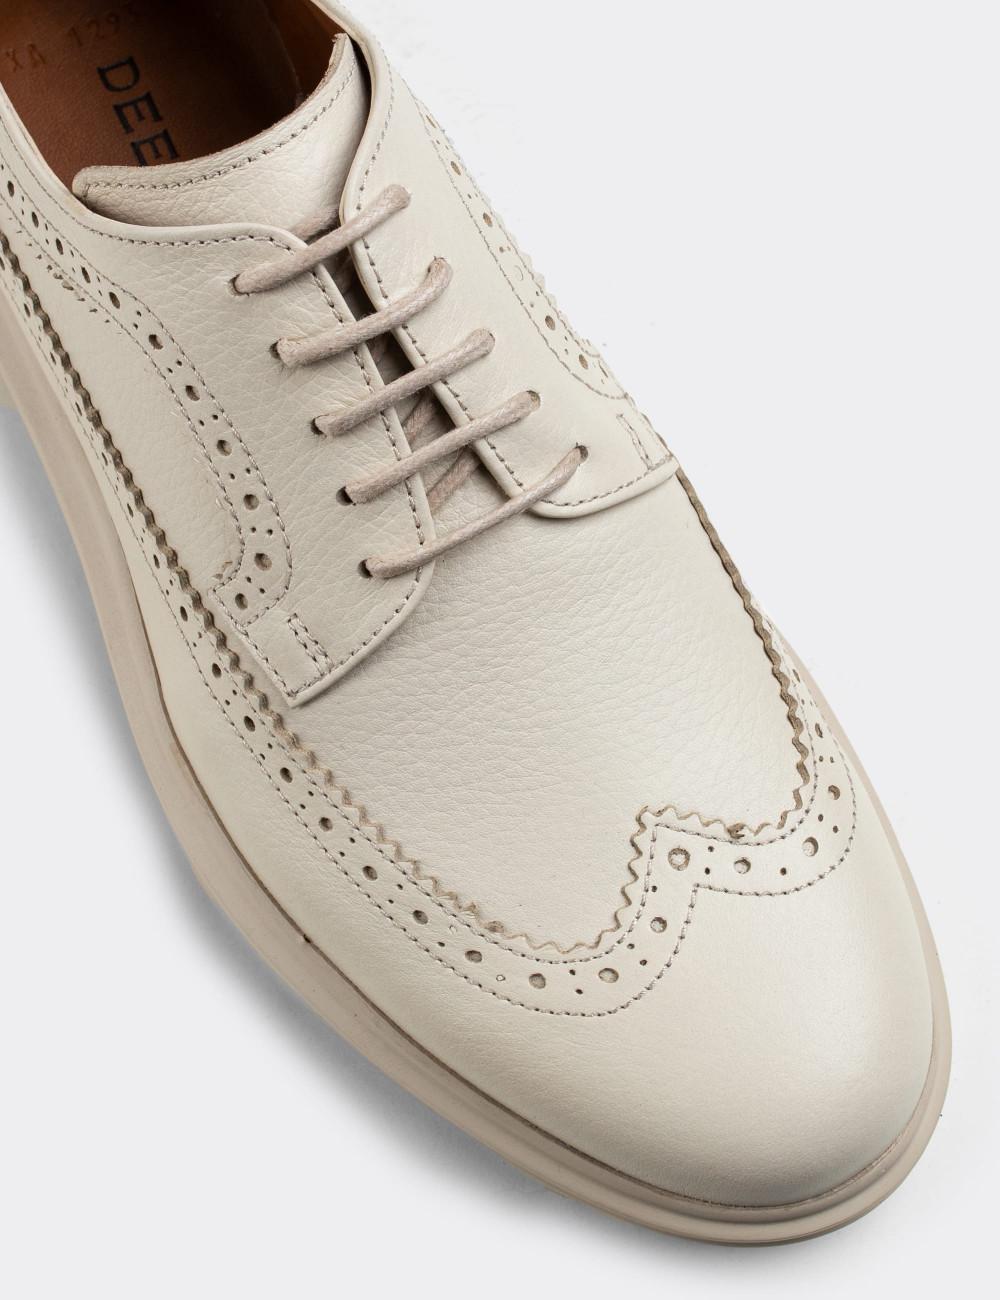 Hakiki Deri Bej Comfort Günlük Erkek Ayakkabı - 01293MBEJP01